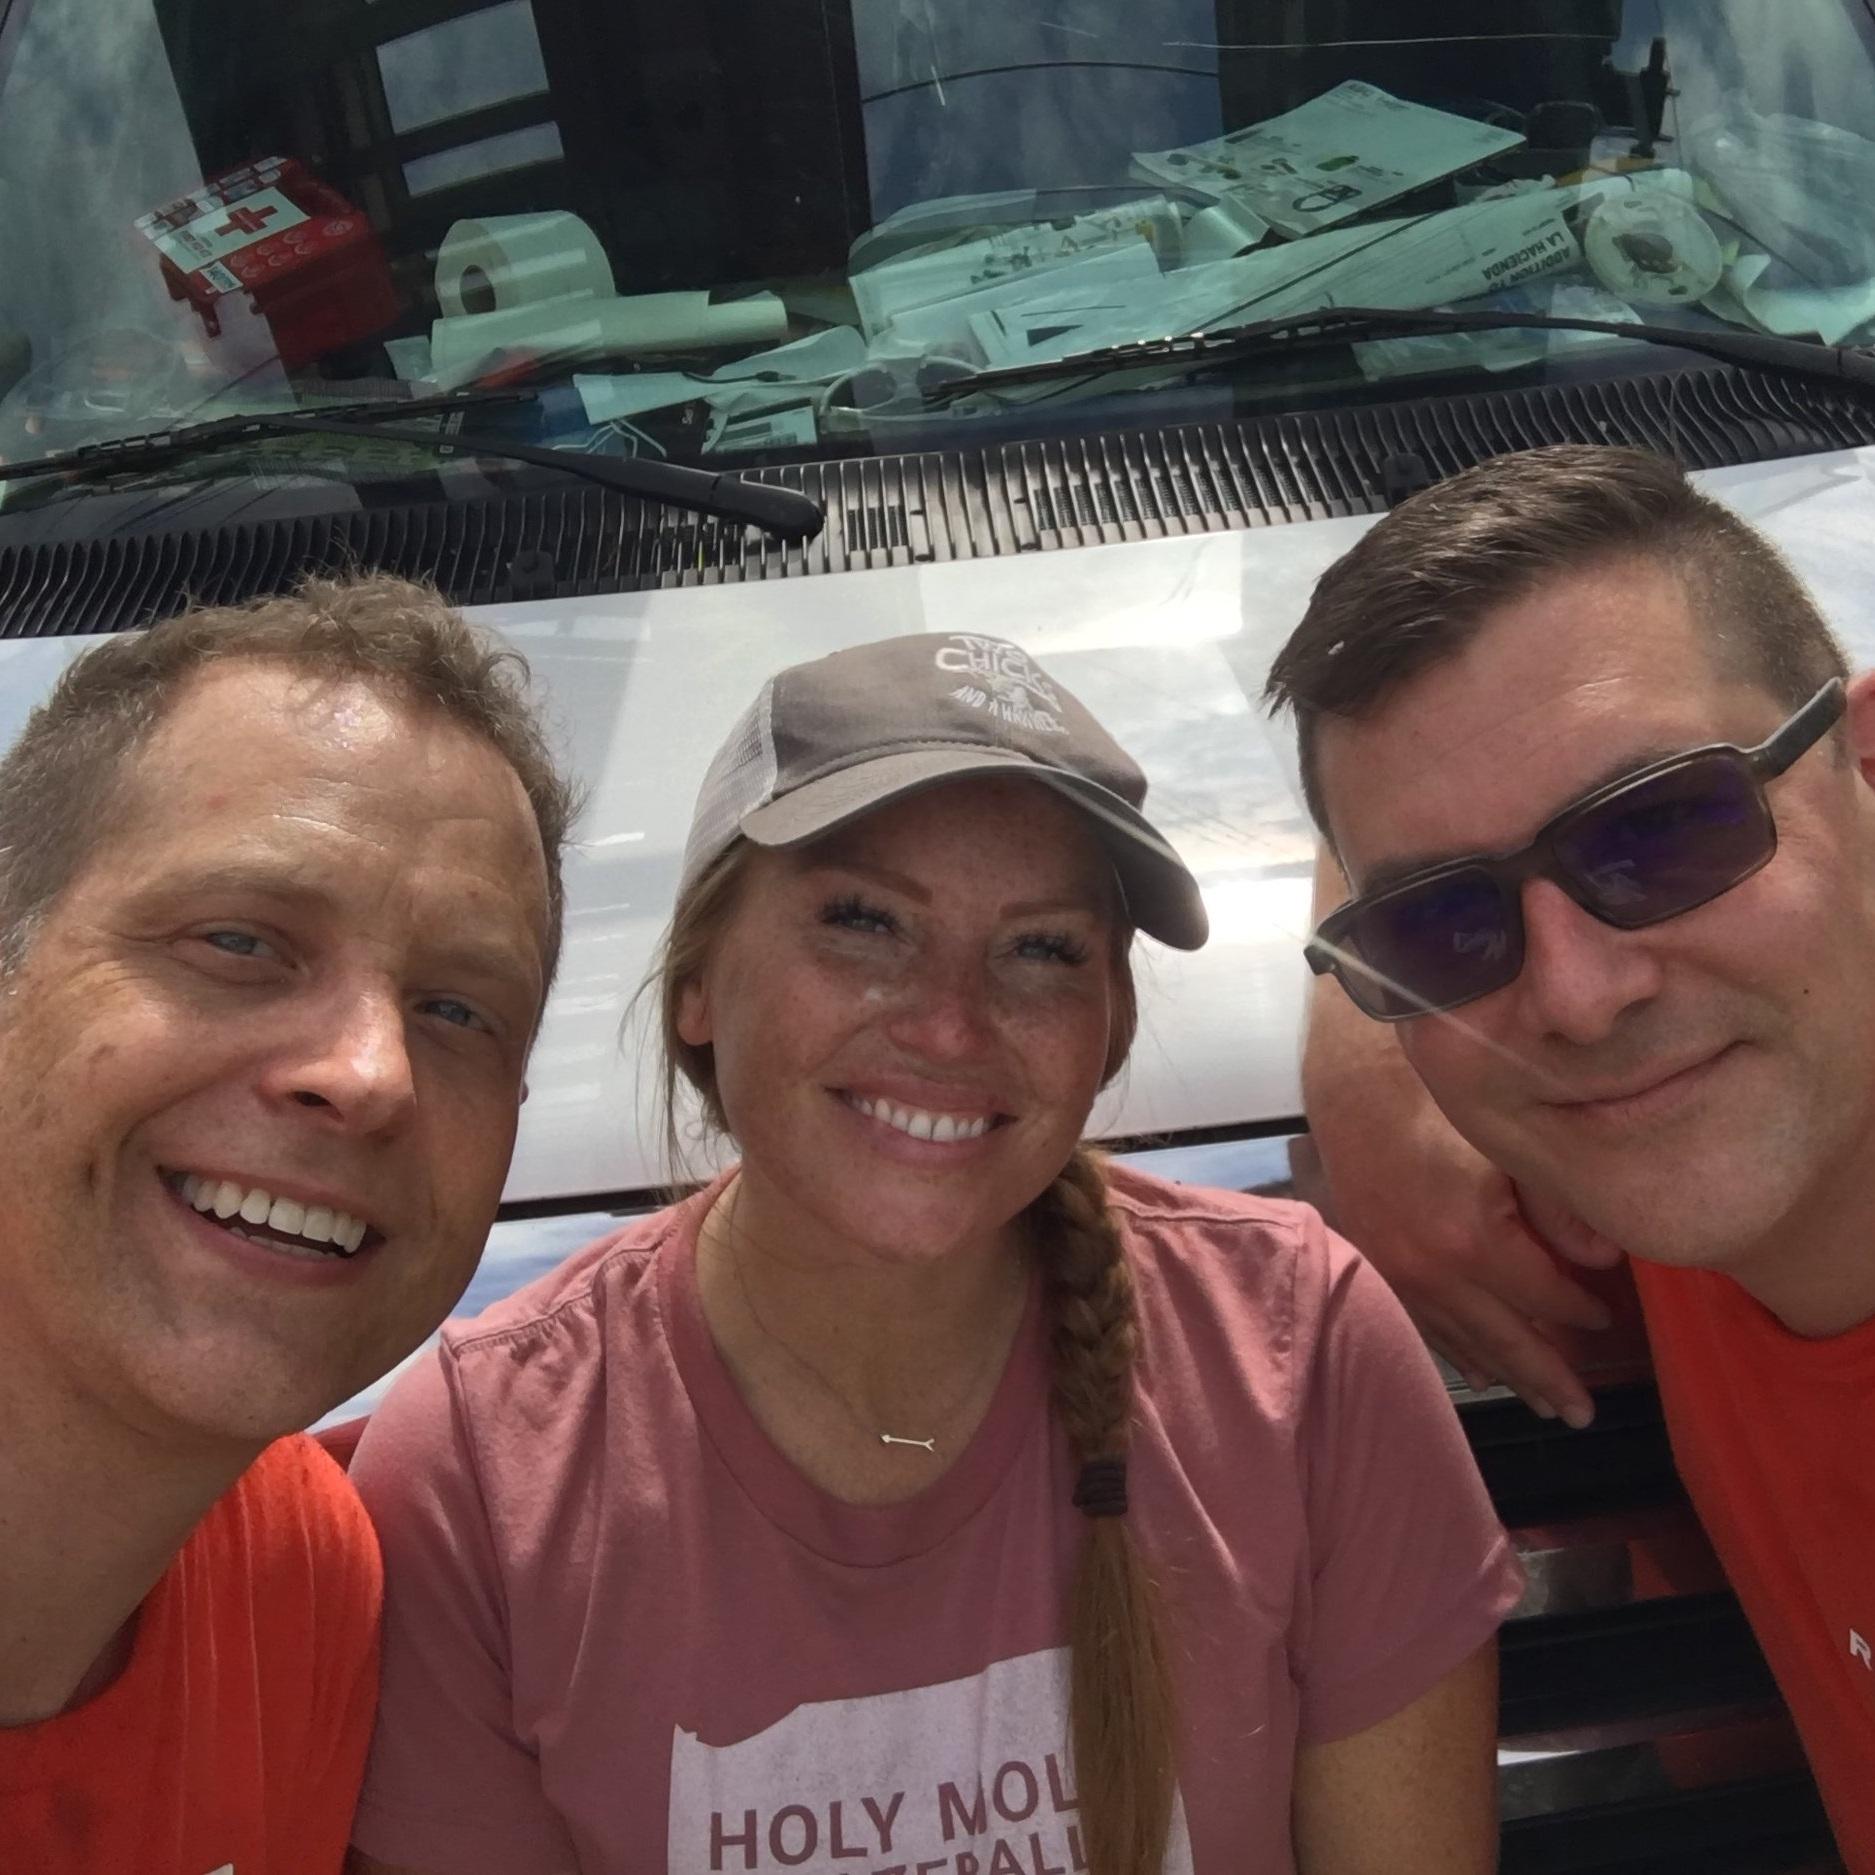 Todd, Mina, and Rod